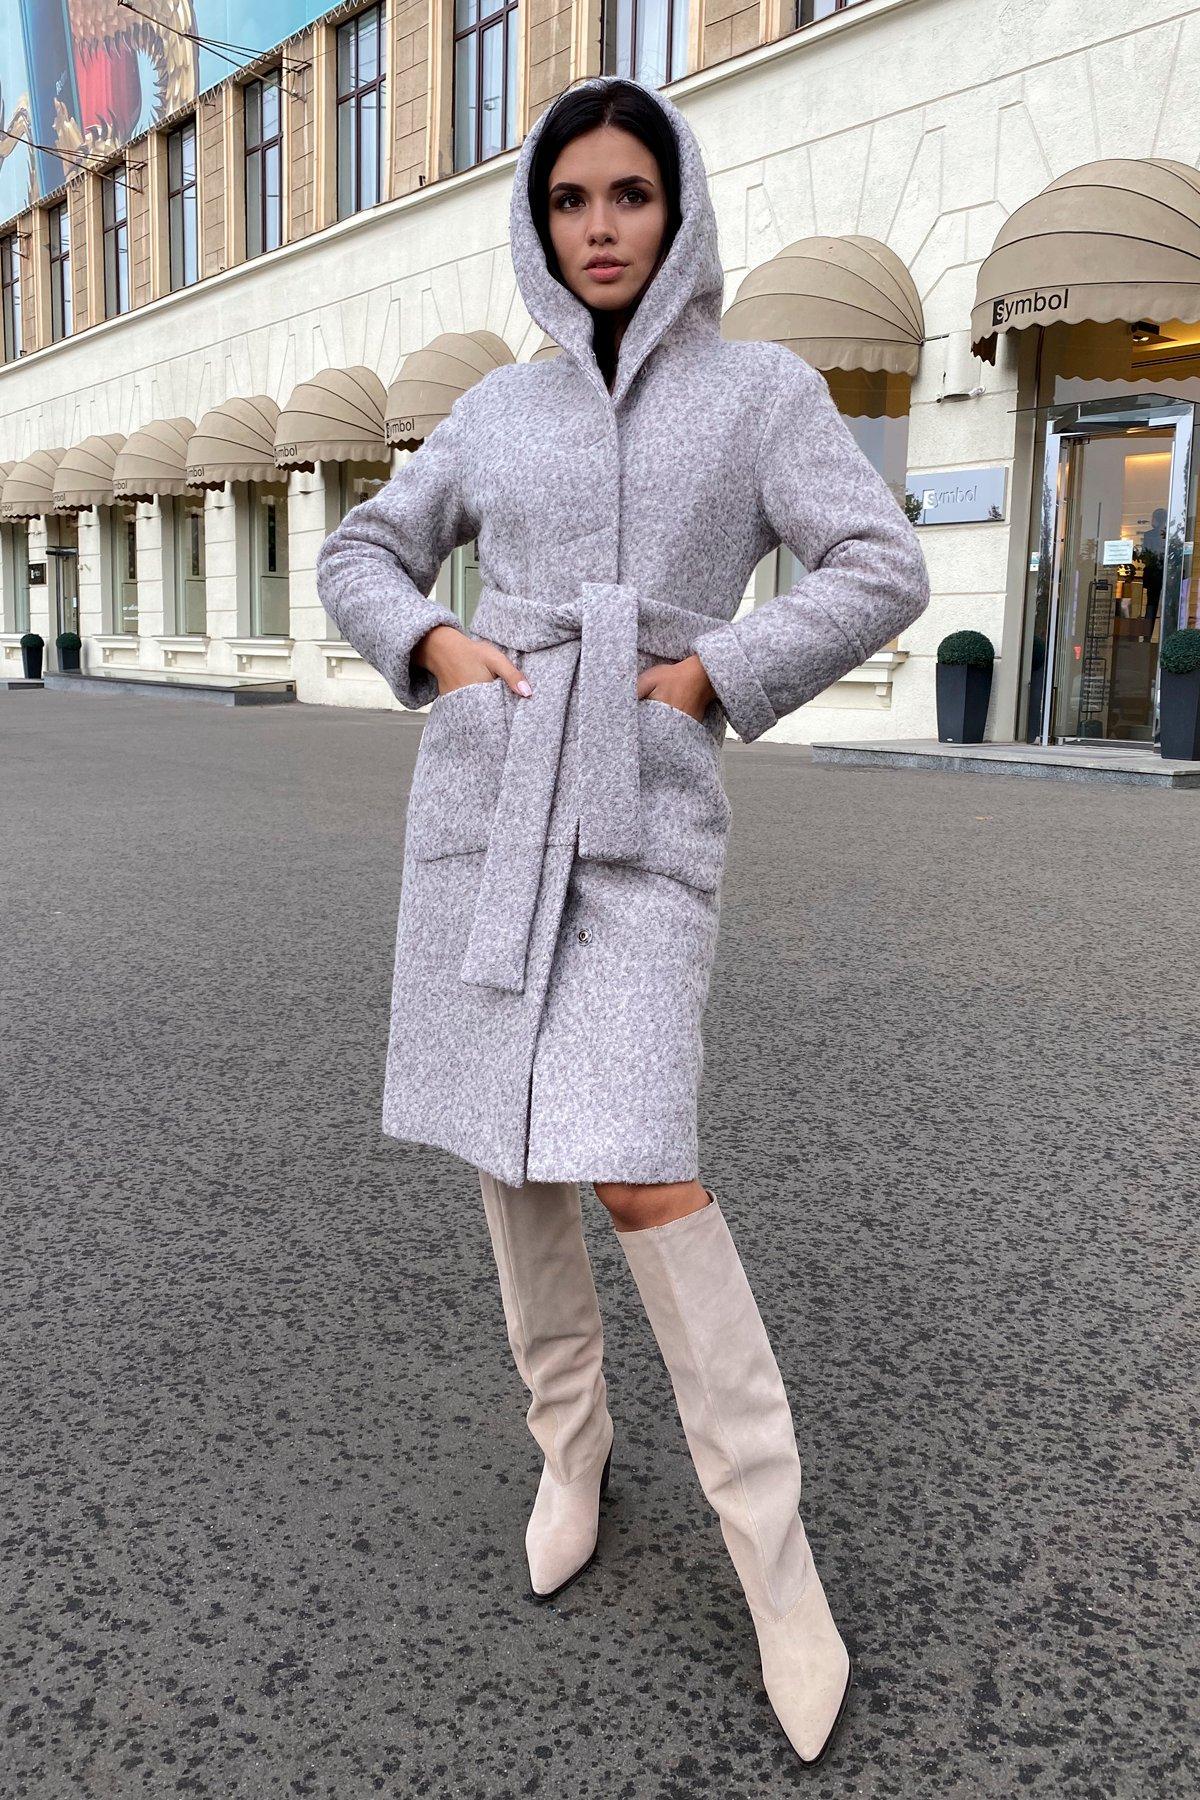 Пальто зима шерсть букле Анита 8320 АРТ. 44439 Цвет: Серый/бежевый 24 - фото 14, интернет магазин tm-modus.ru